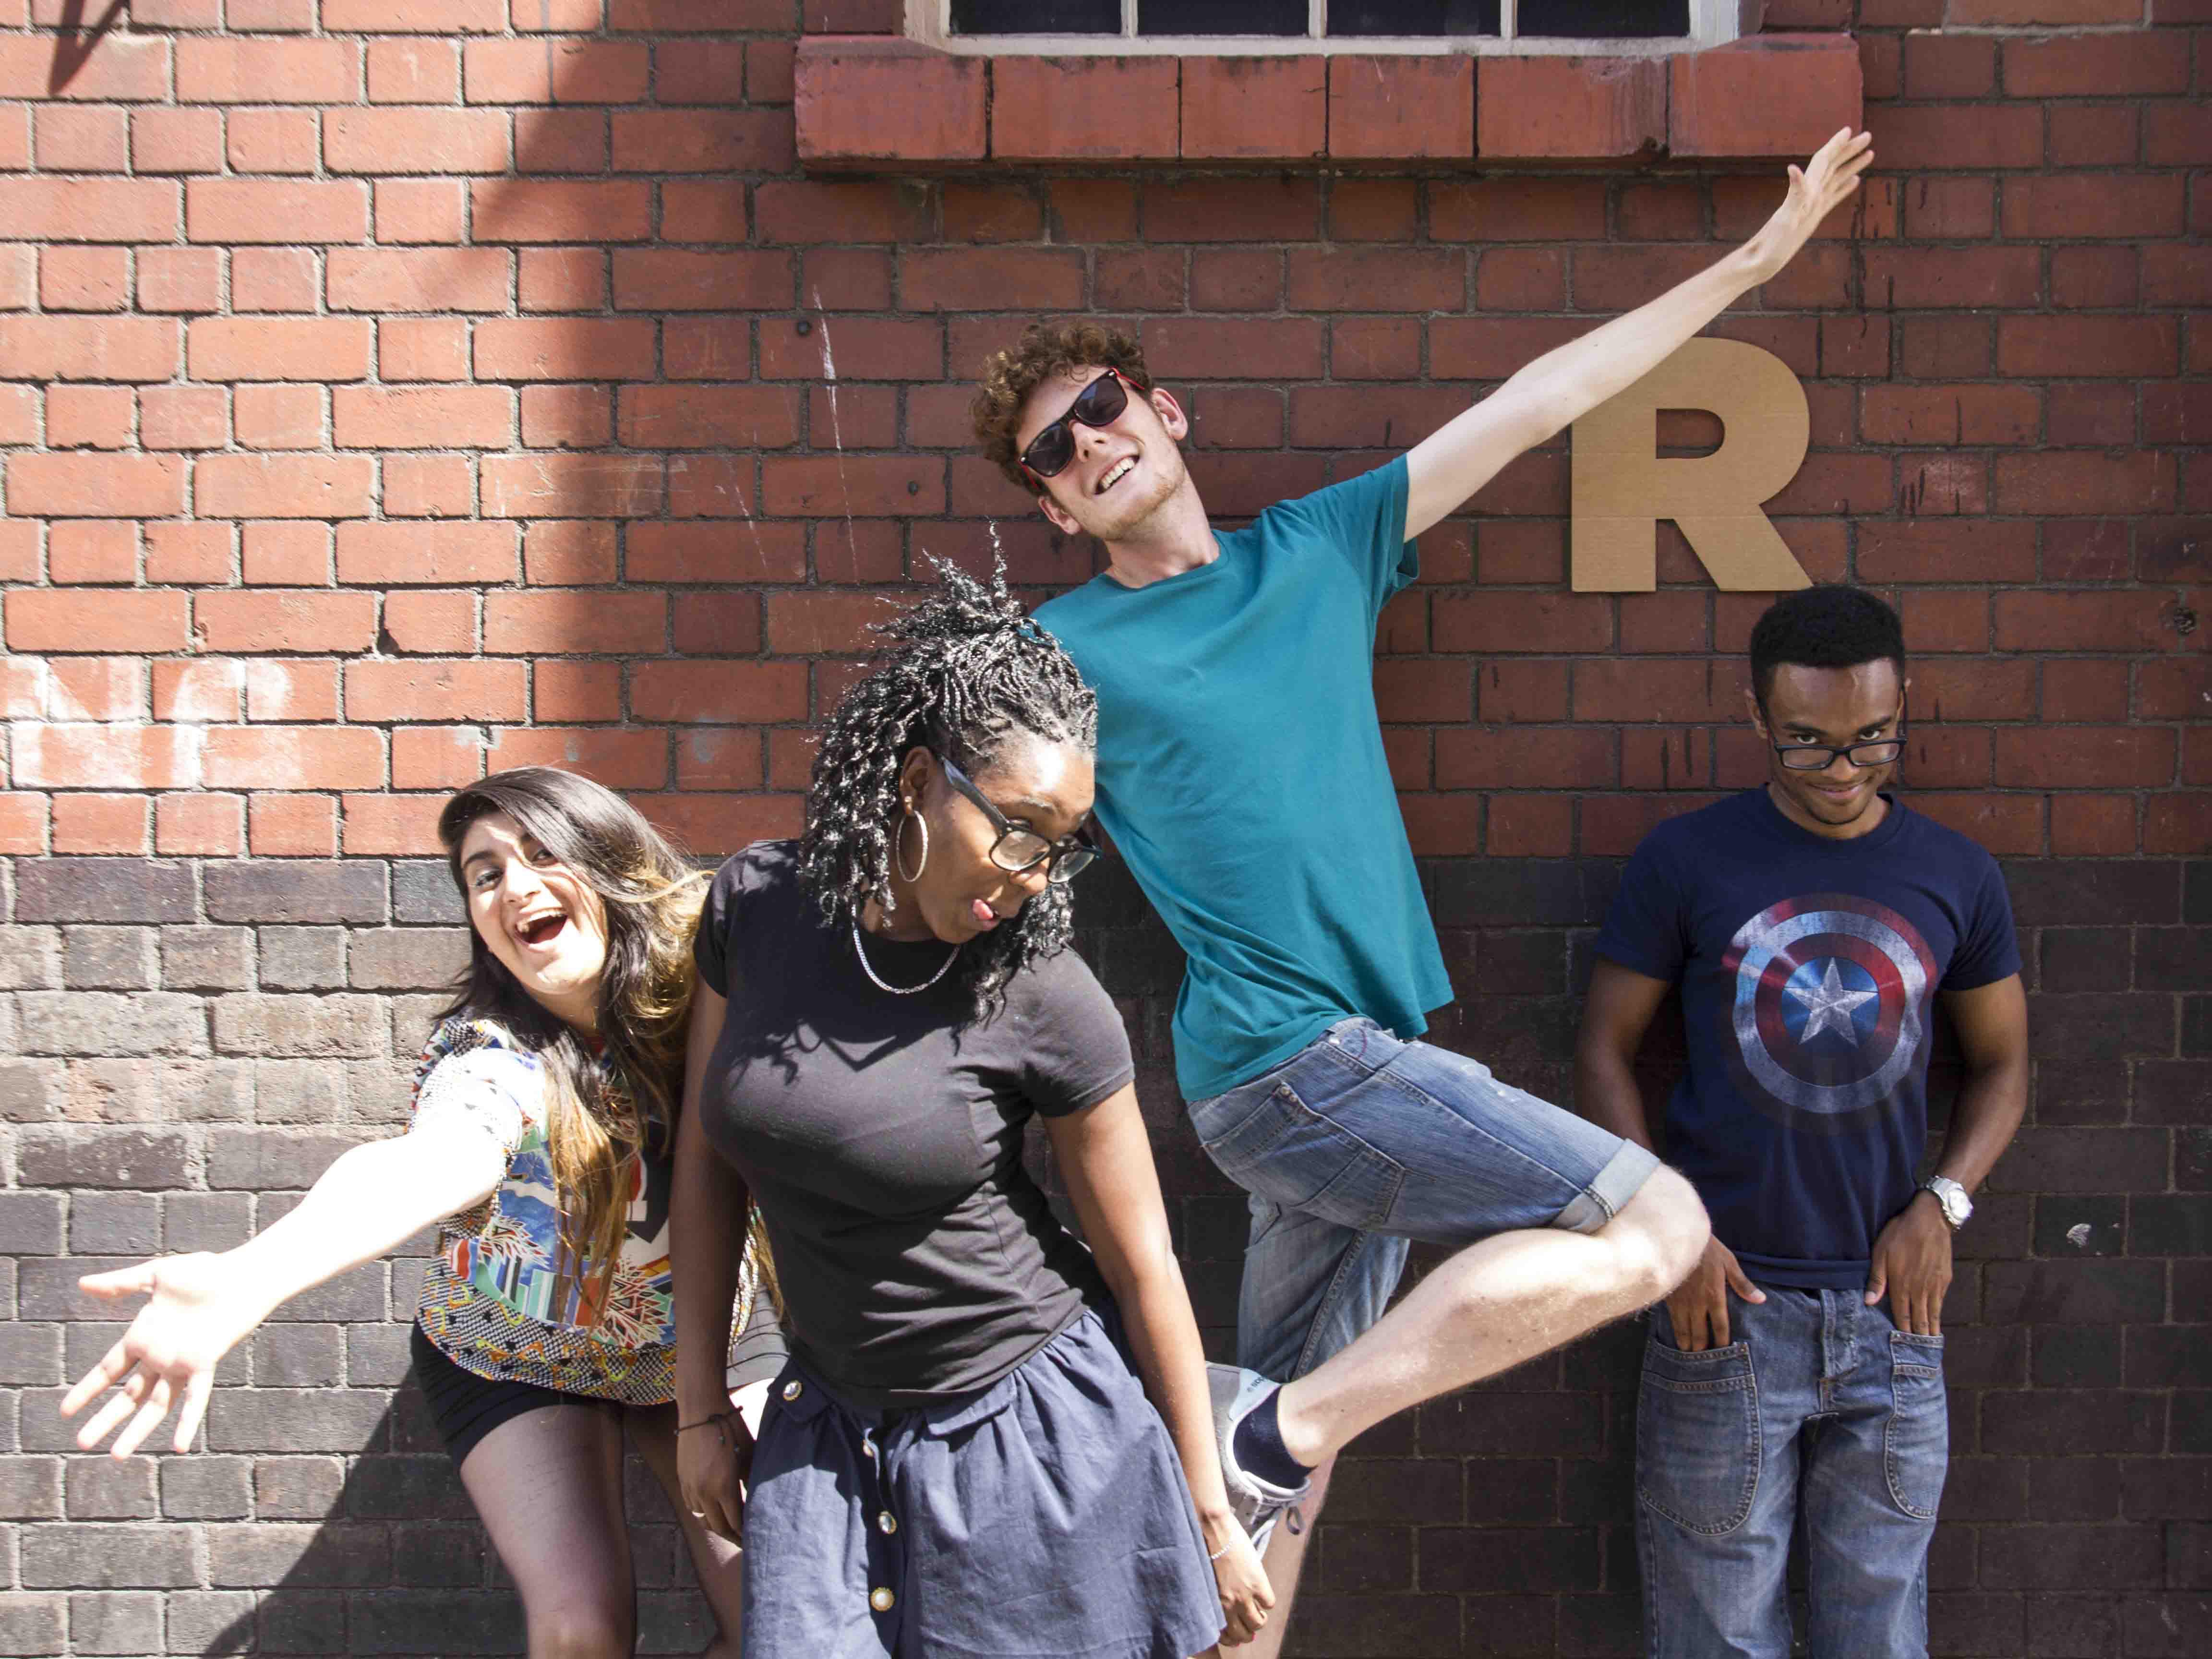 'Rife founders'  Photo: Vanessa Bellaar Spruijt